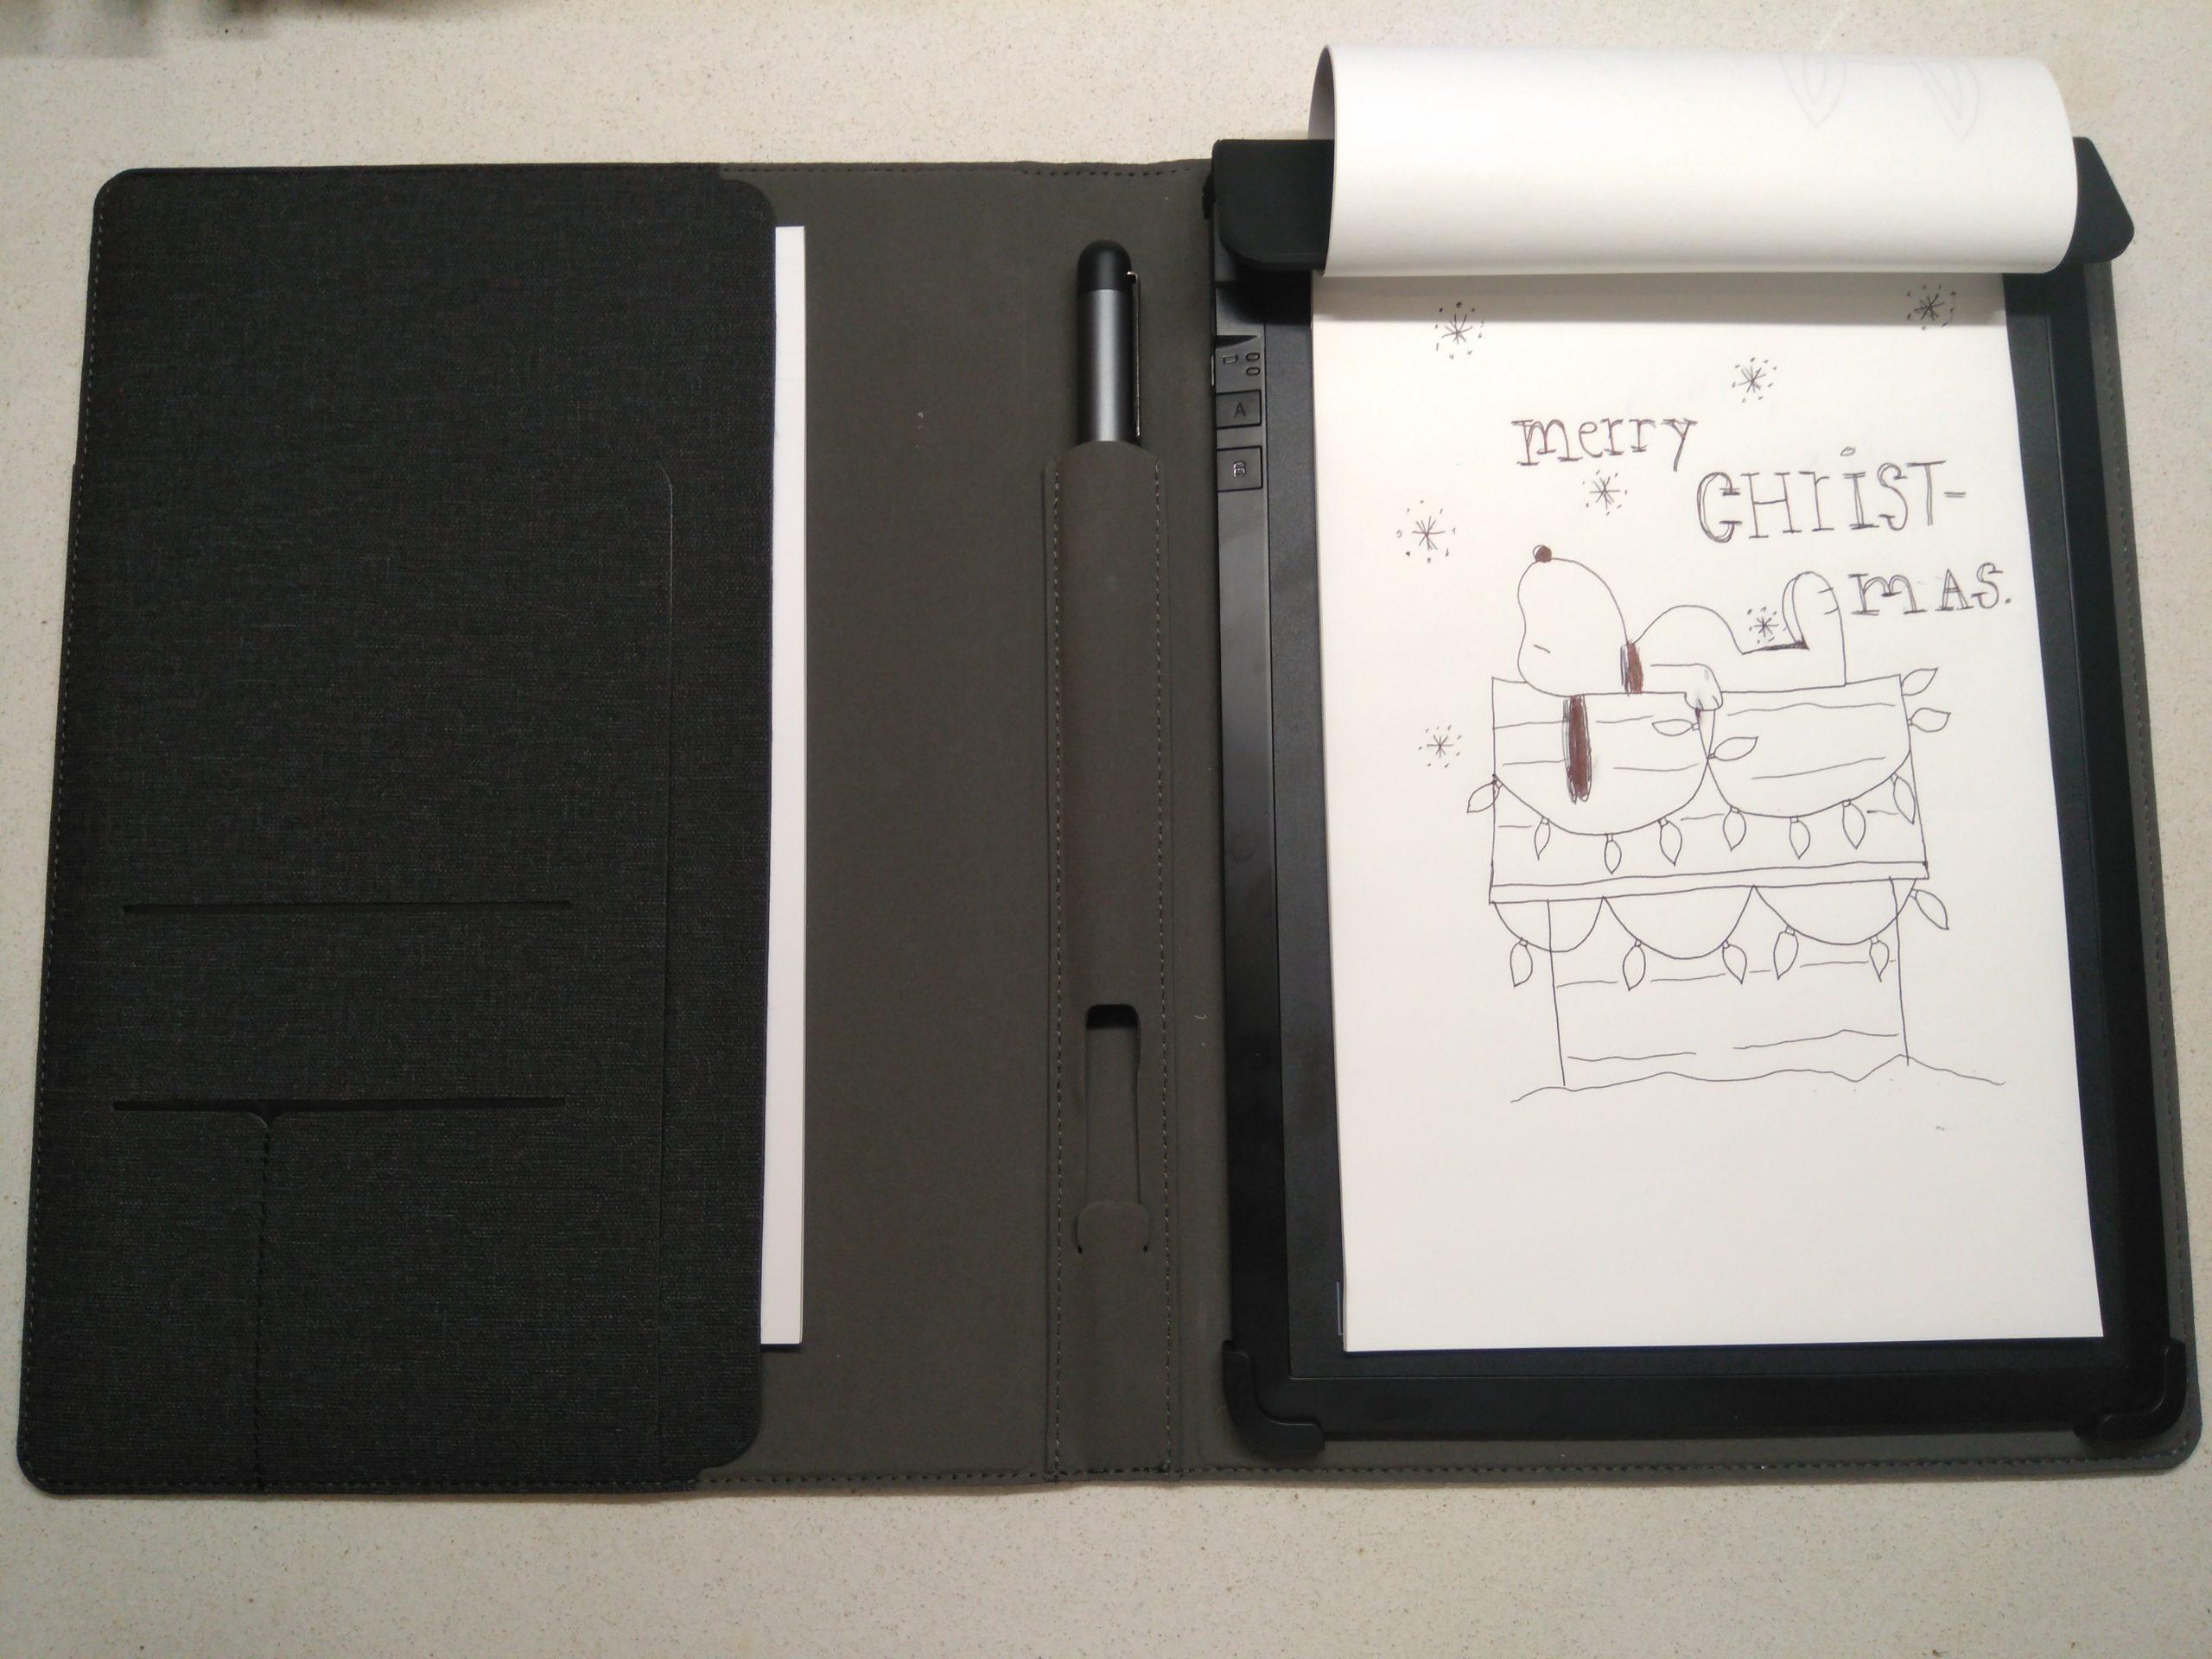 Digitaal handletteren en tekenen met RoWrite Smart Writing Pad